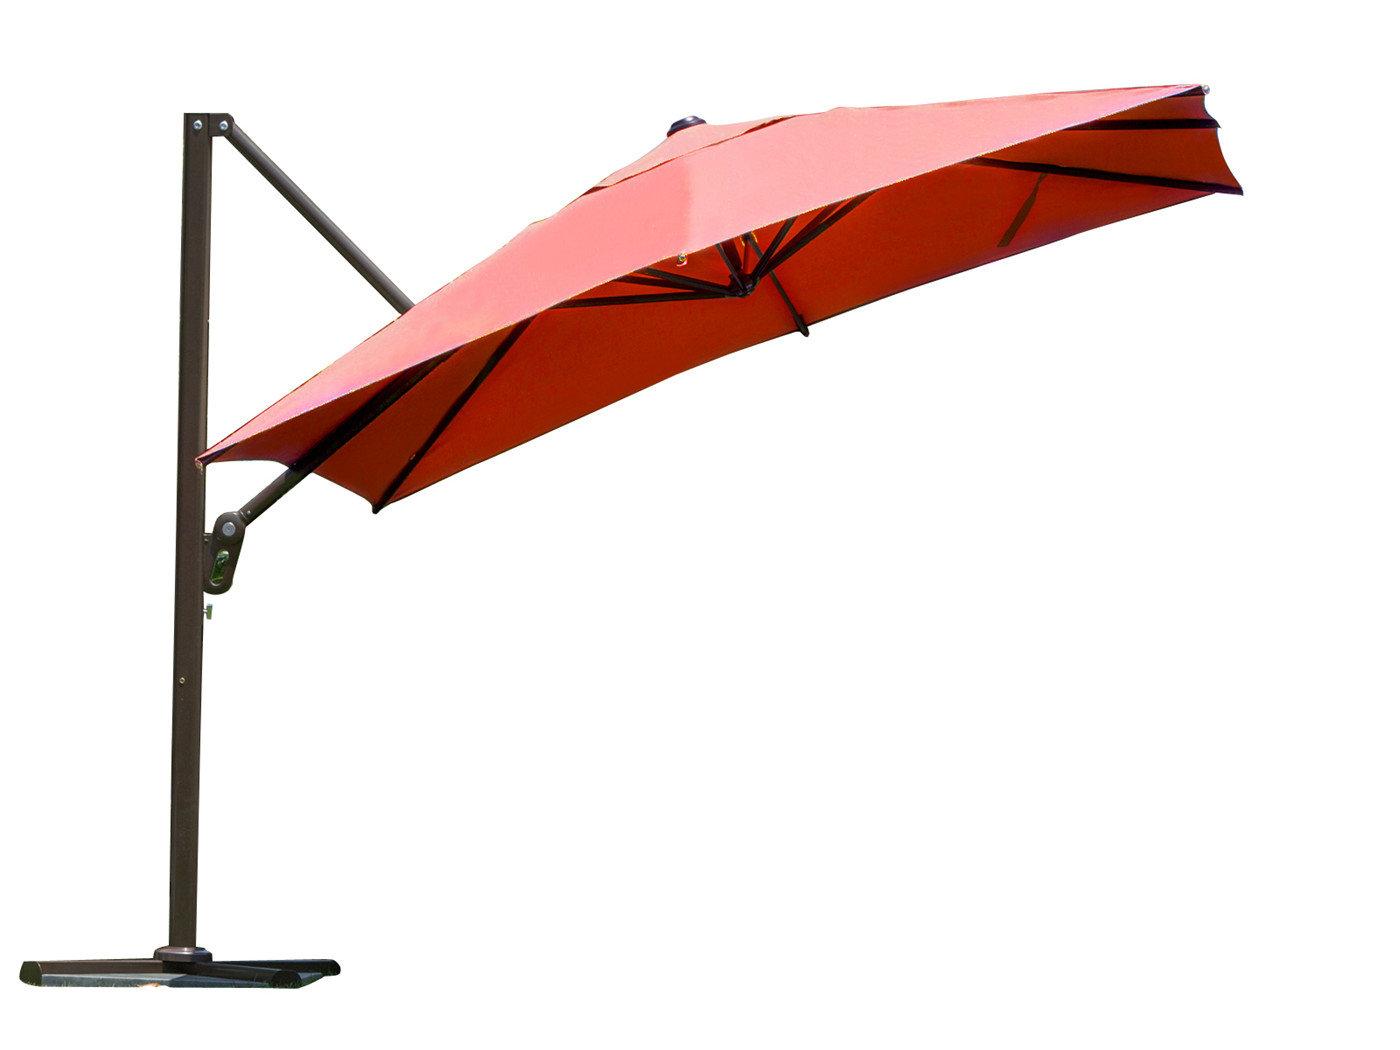 Newest 9' Square Cantilever Umbrella For Fazeley Rectangular Cantilever Umbrellas (View 20 of 20)